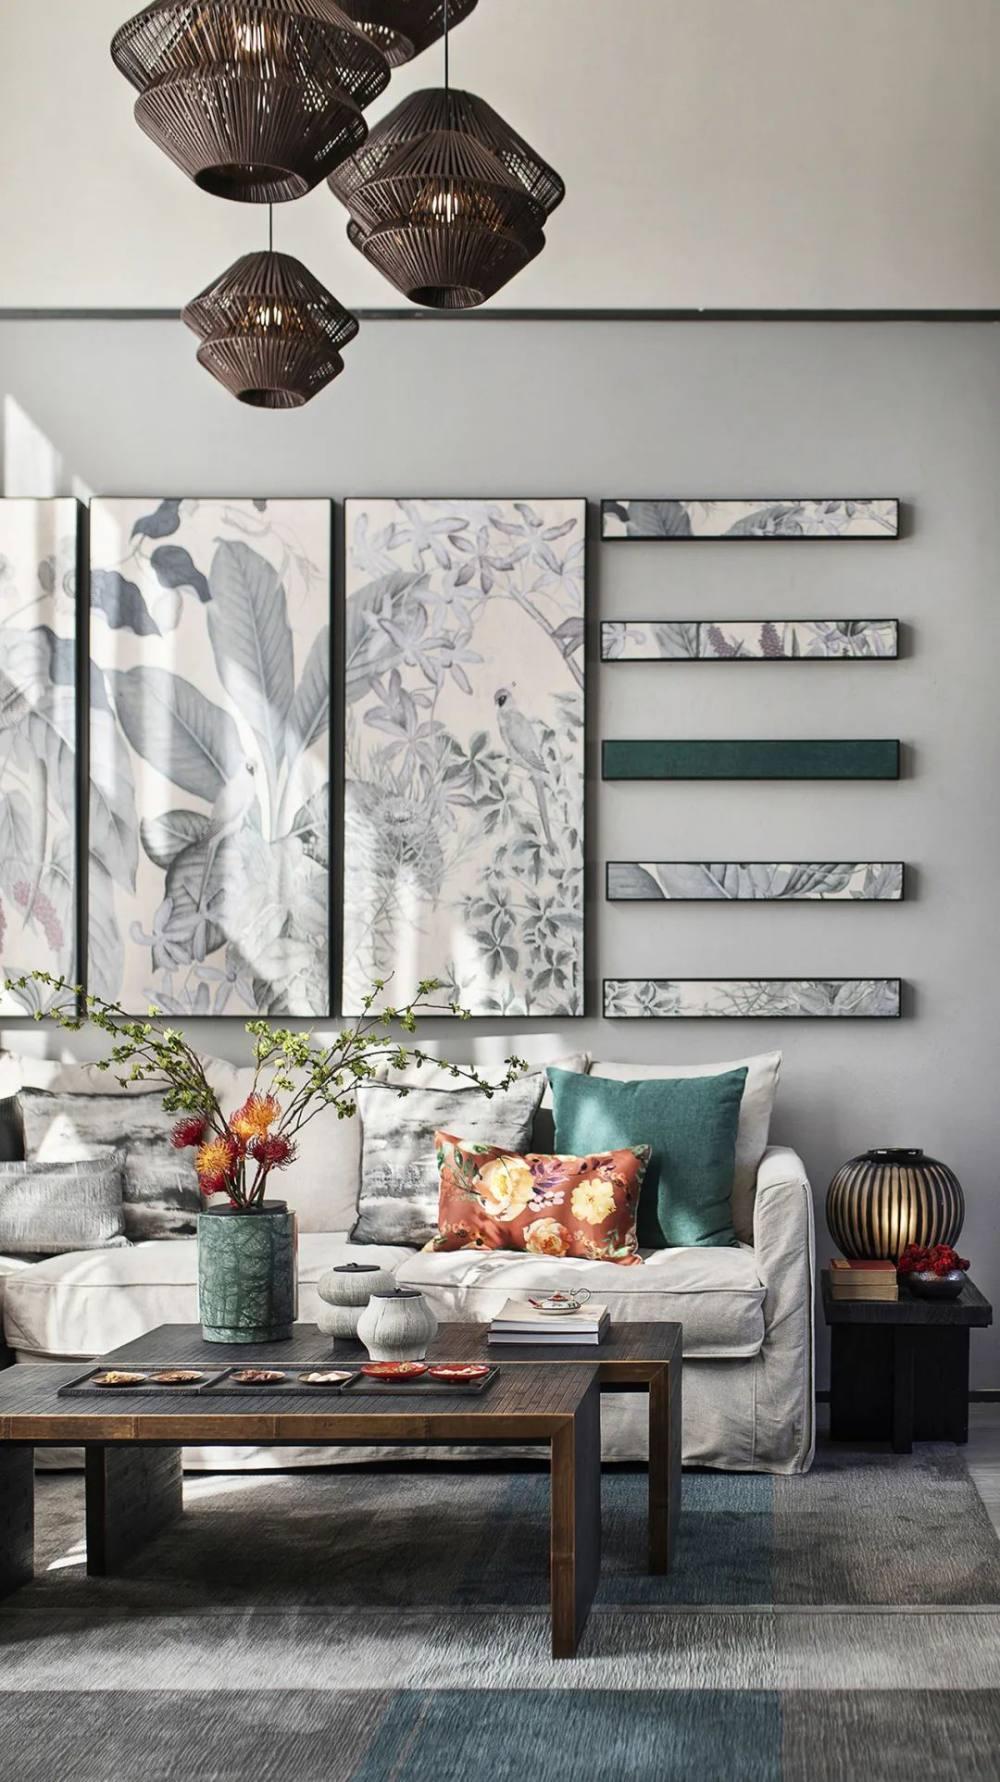 布鲁盟设计丨阳光城梵悦108:设计生活与艺术的共同体-55.jpg